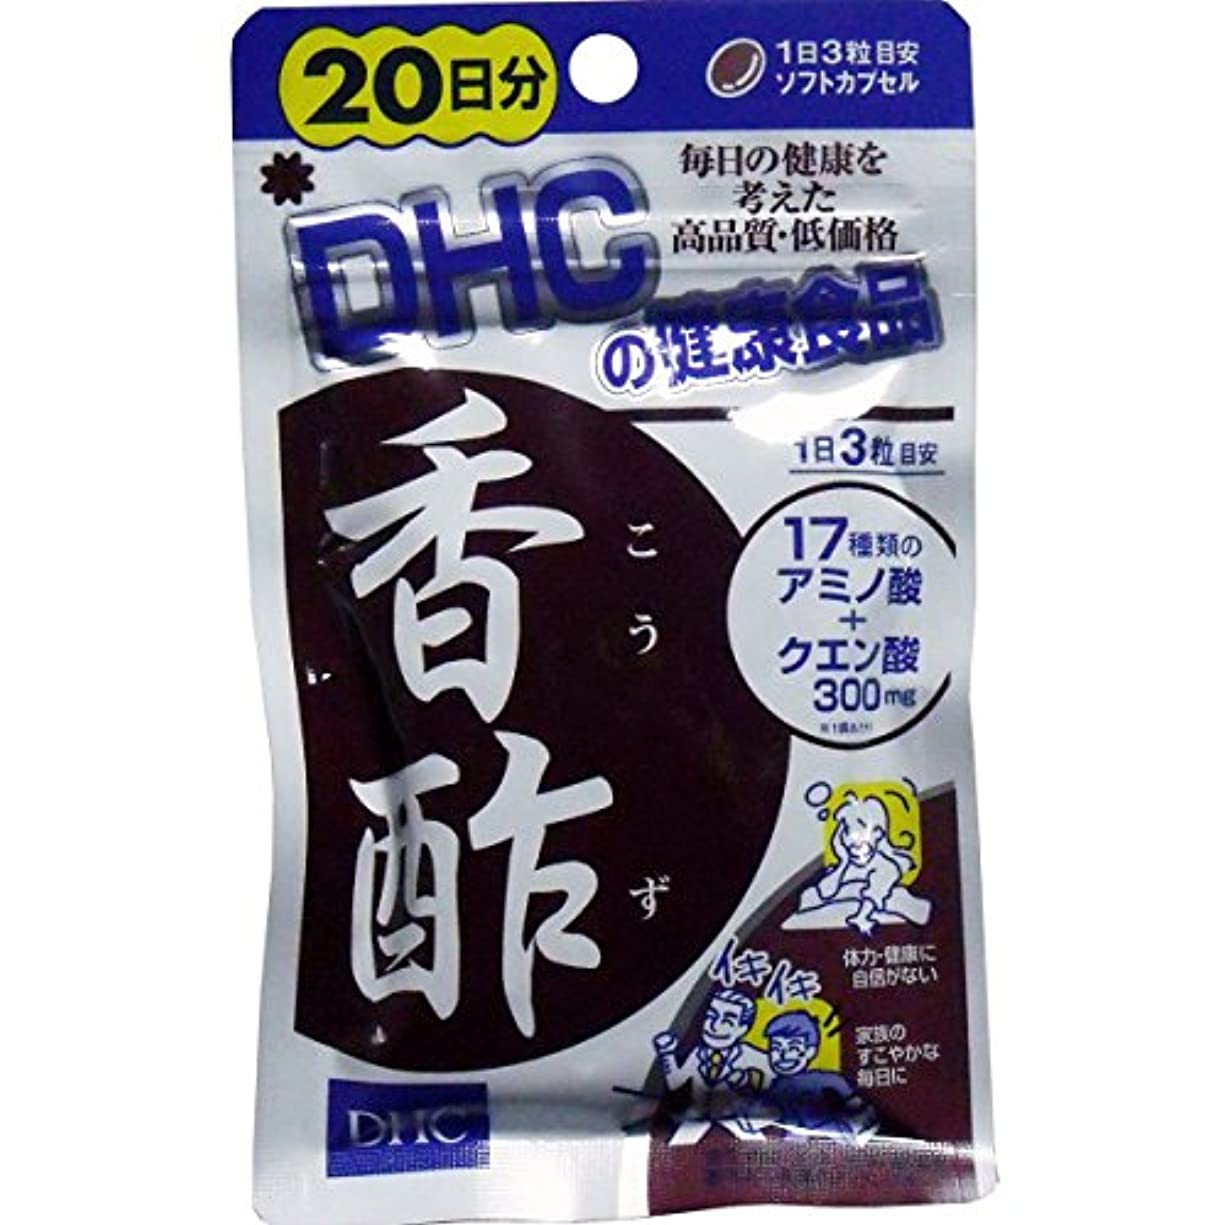 晴れ広範囲に良心DHC 香酢 20日分 60粒入「5点セット」